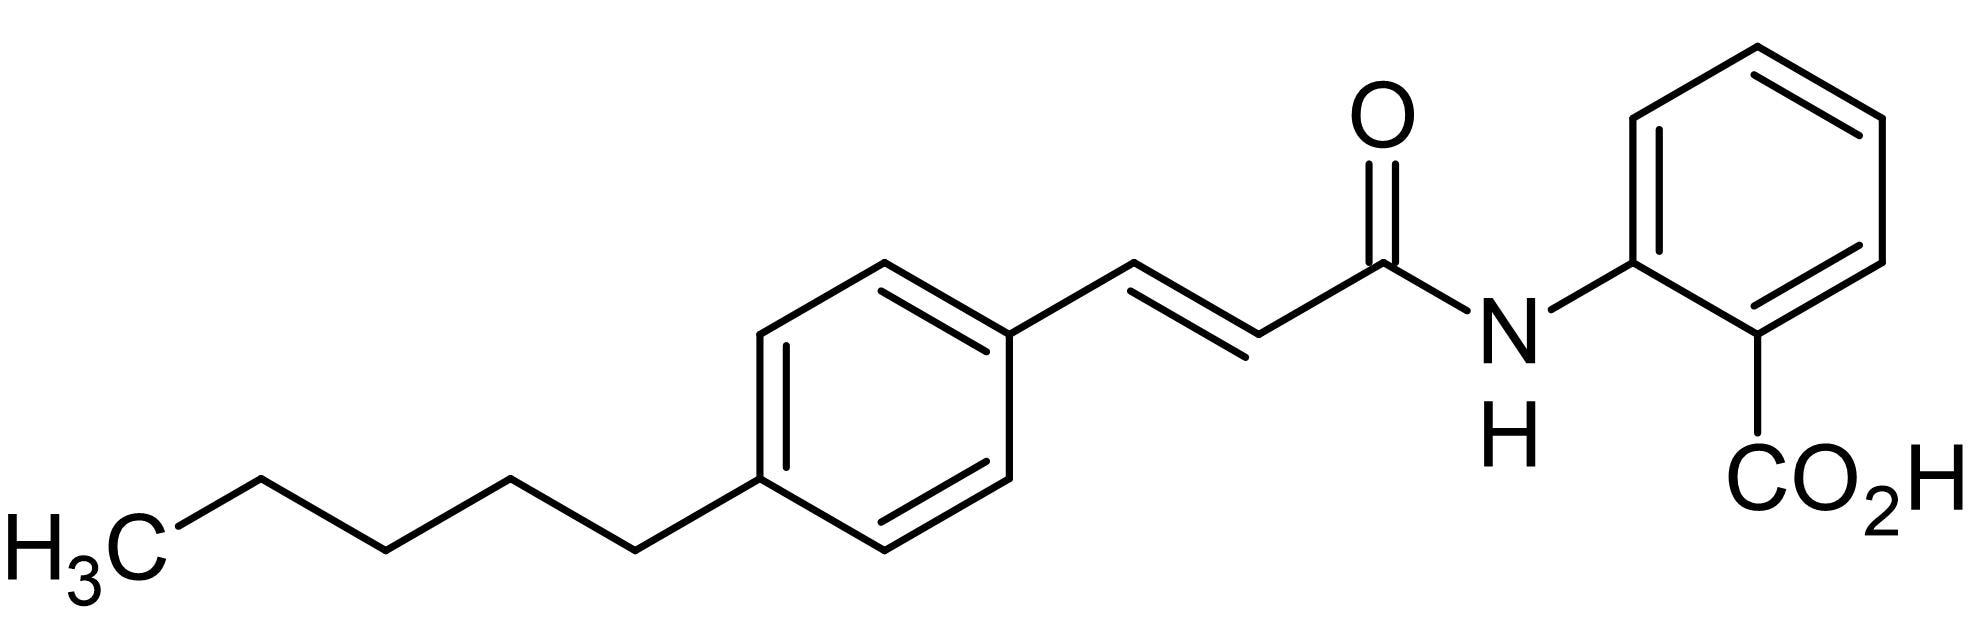 Chemical Structure - N-(p-Amylcinnamoyl)anthranilic acid, PLA<sub>2</sub> inhibitor (ab141555)